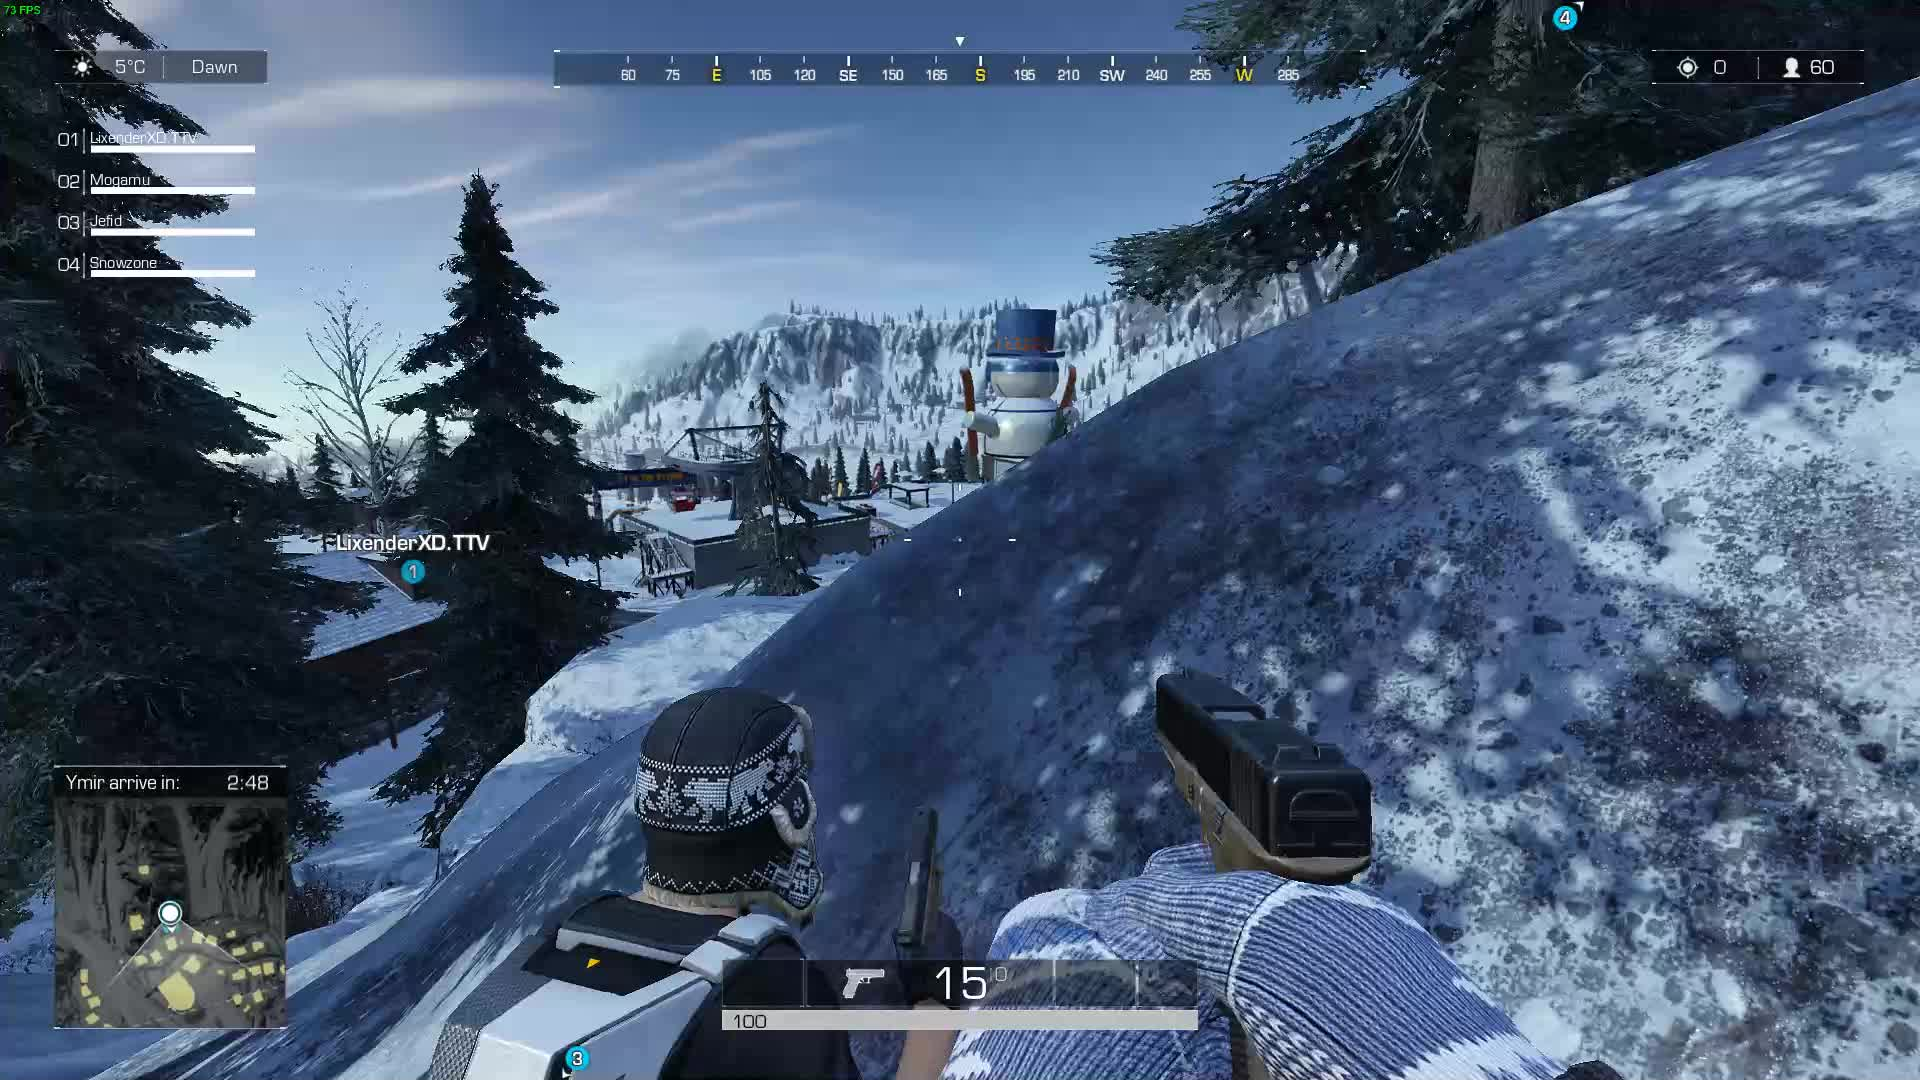 pistol rush GIFs